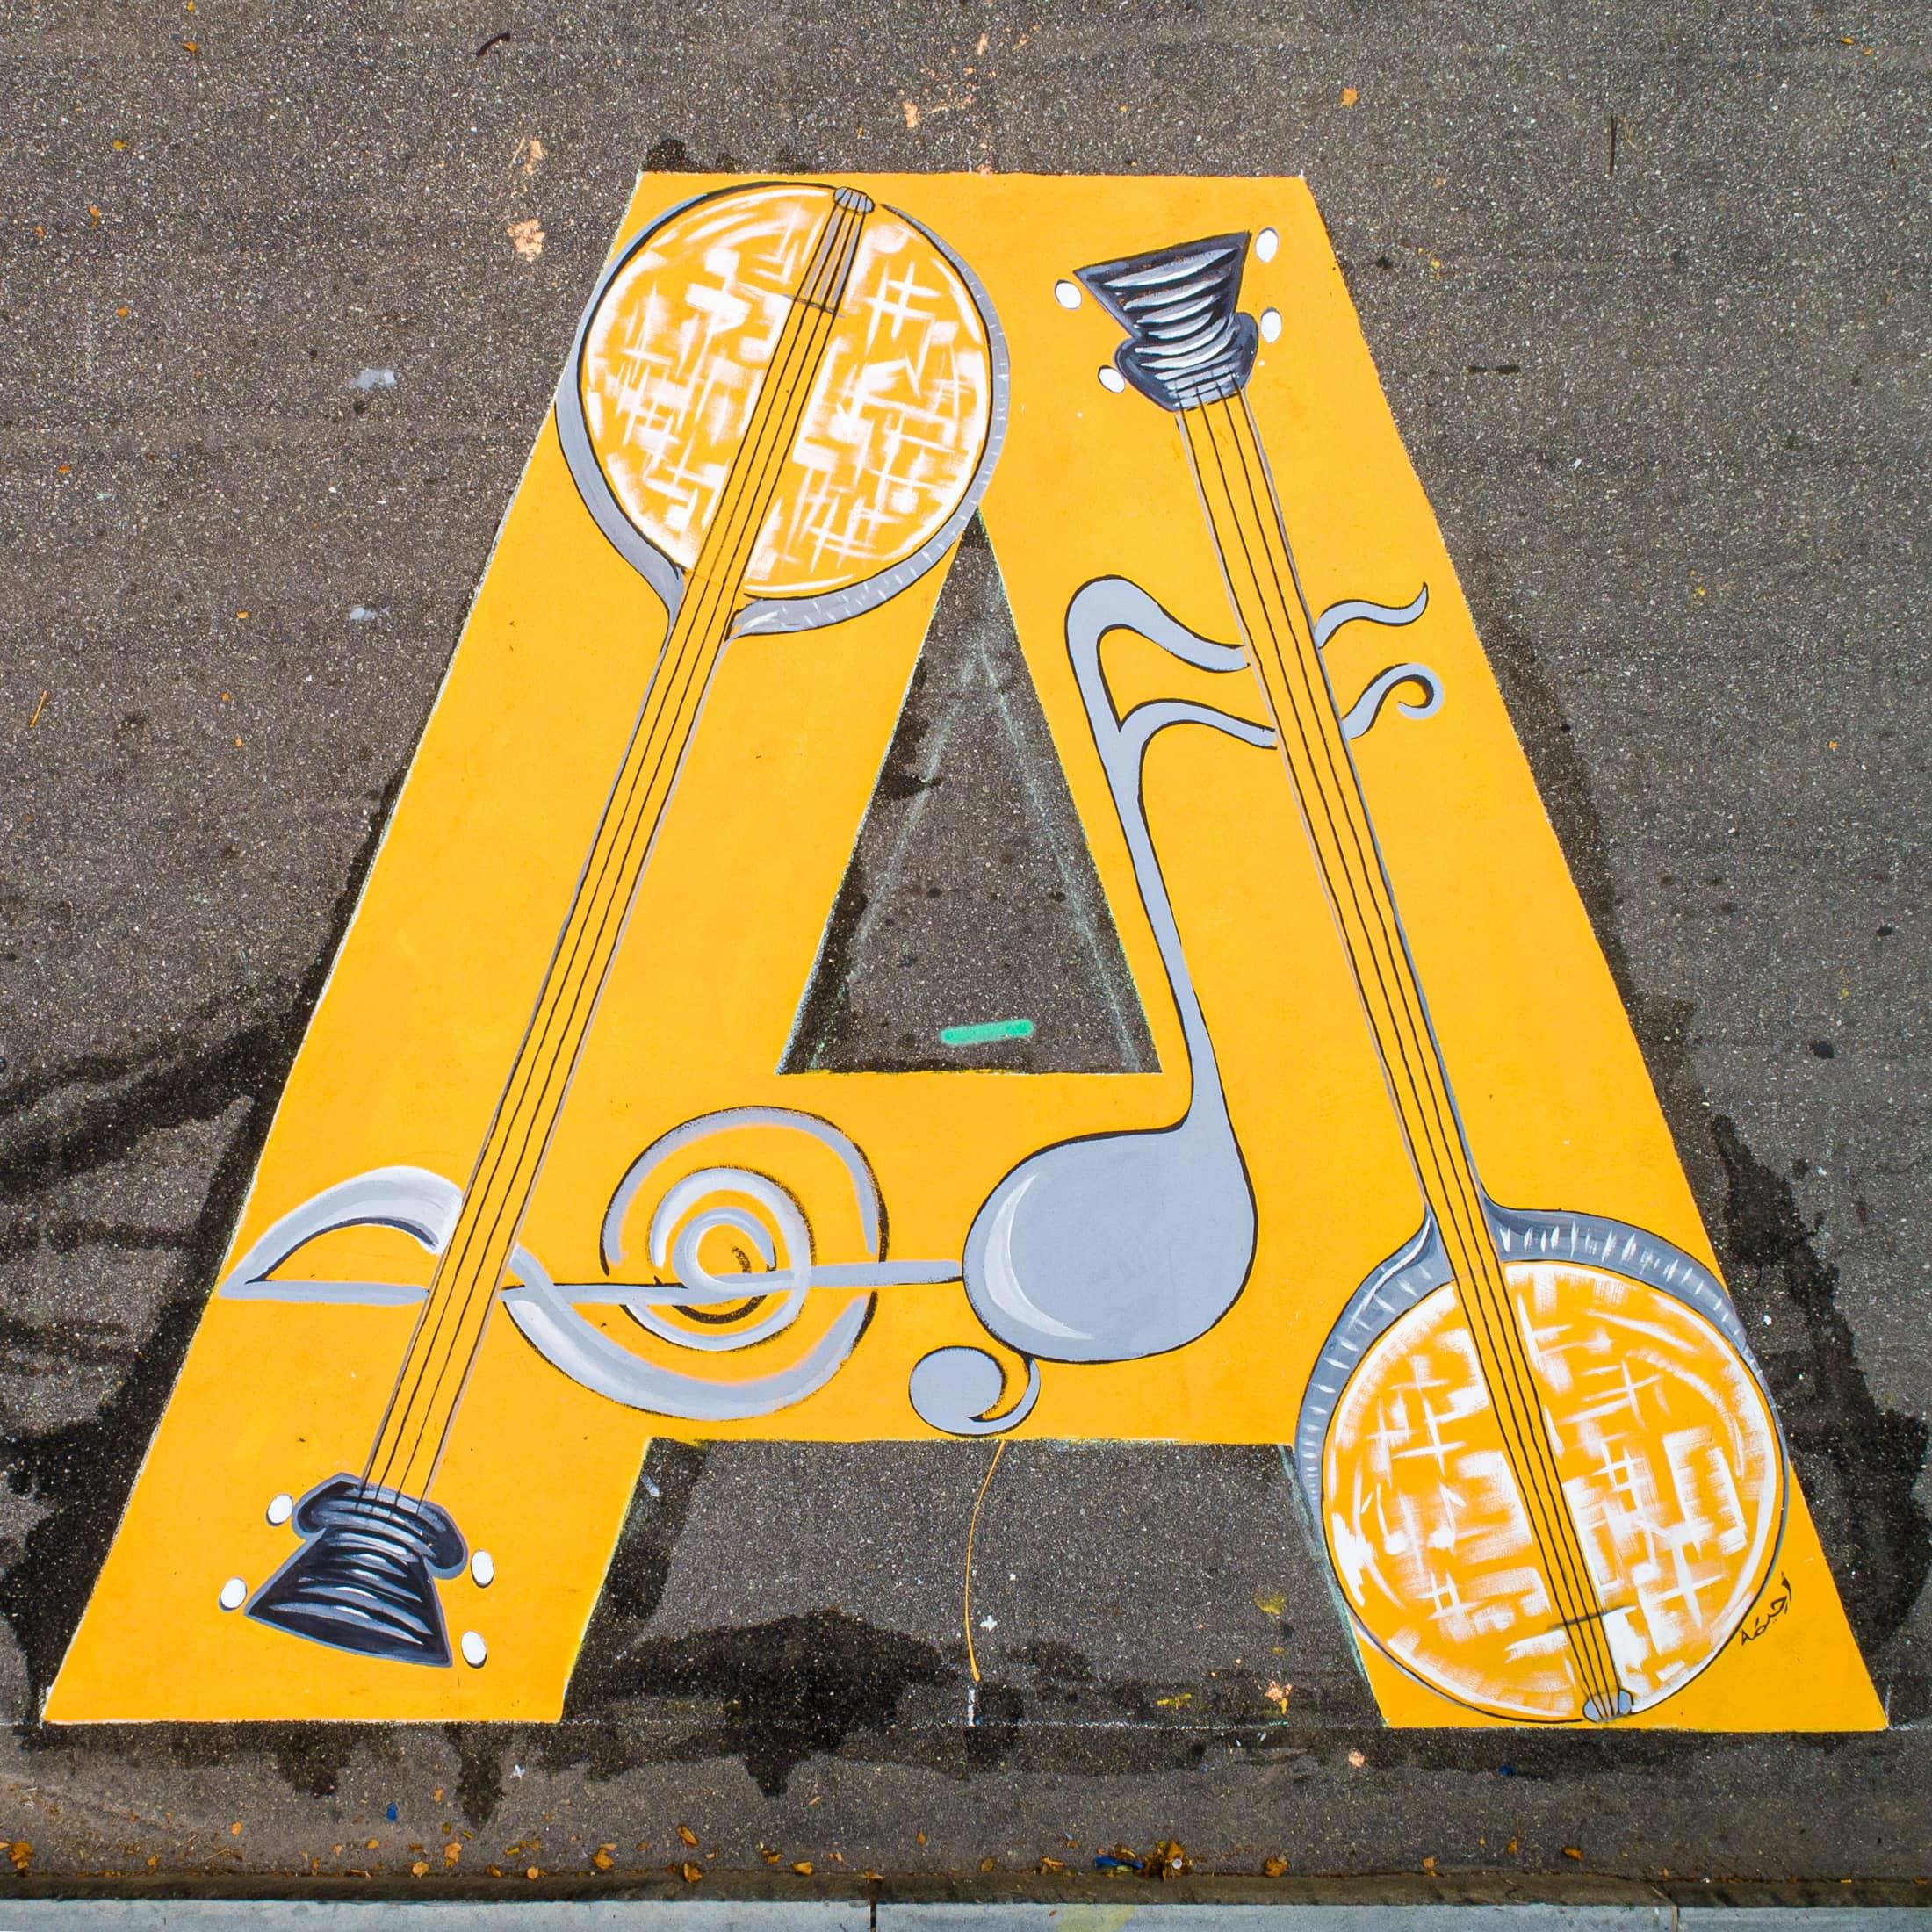 AVL BLM Mural- A